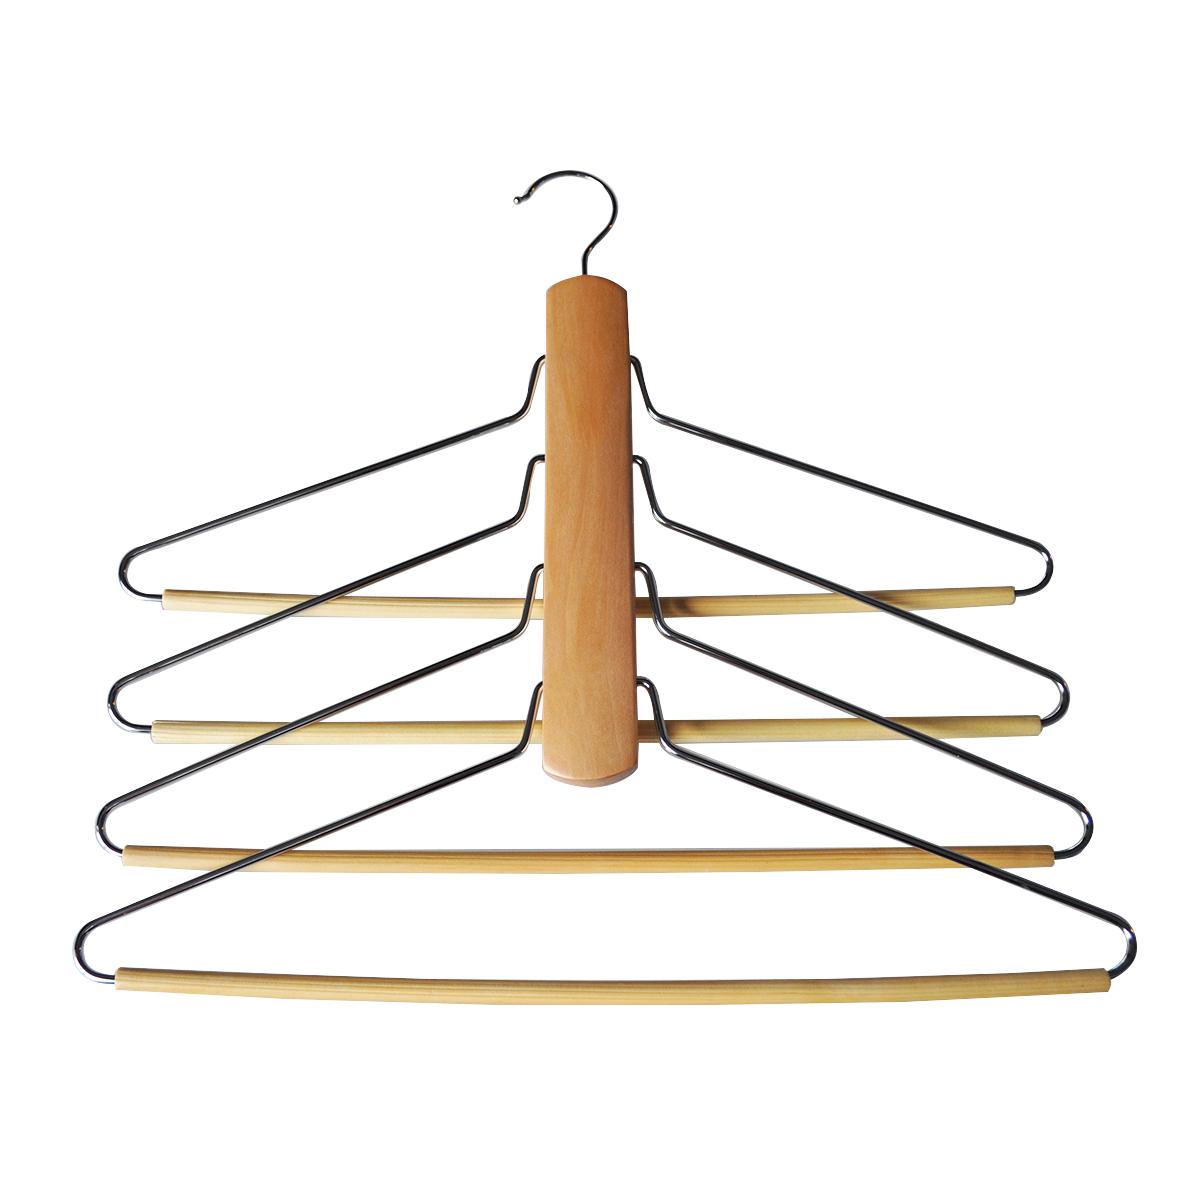 Вешалка HomeQueen, деревянная, с одним крючком для подвешивания, цвет: светло-коричневый, длина 30 см318248-038Вешалка HomeQueen изготовлена из дерева. Оснащена четырьмя плечиками и одним крючком для подвешивания.Вешалка - это незаменимая вещь для того, чтобы ваша одежда всегда оставалась в хорошем состоянии.